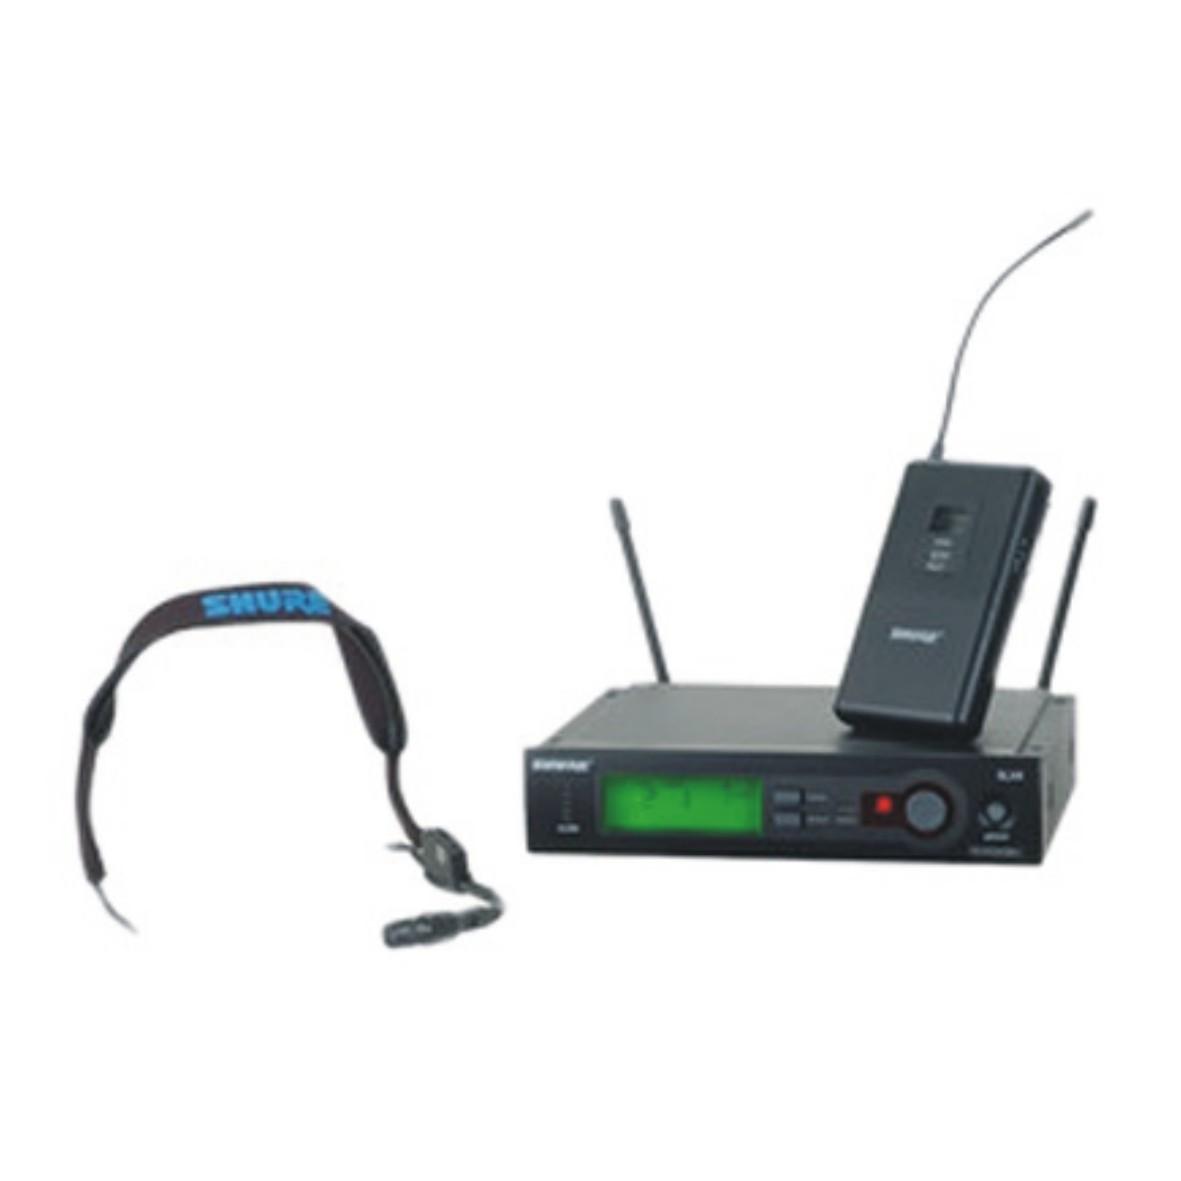 SLX14/30 头戴式无线话筒系统